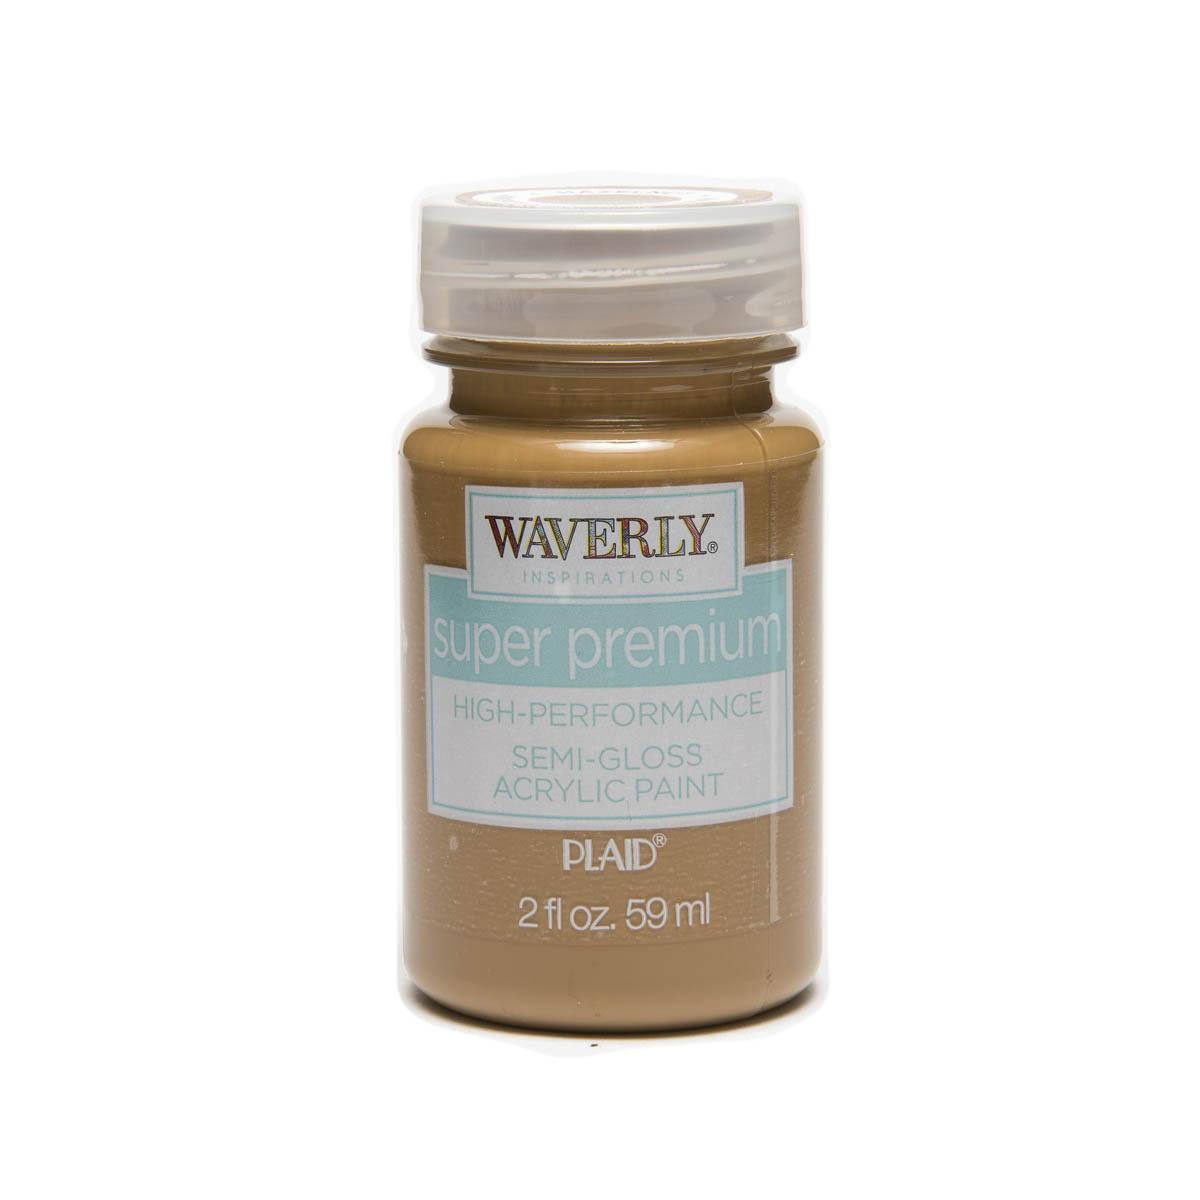 Waverly ® Inspirations Super Premium Semi-Gloss Acrylic Paint - Hazelnut, 2 oz. - 60652E